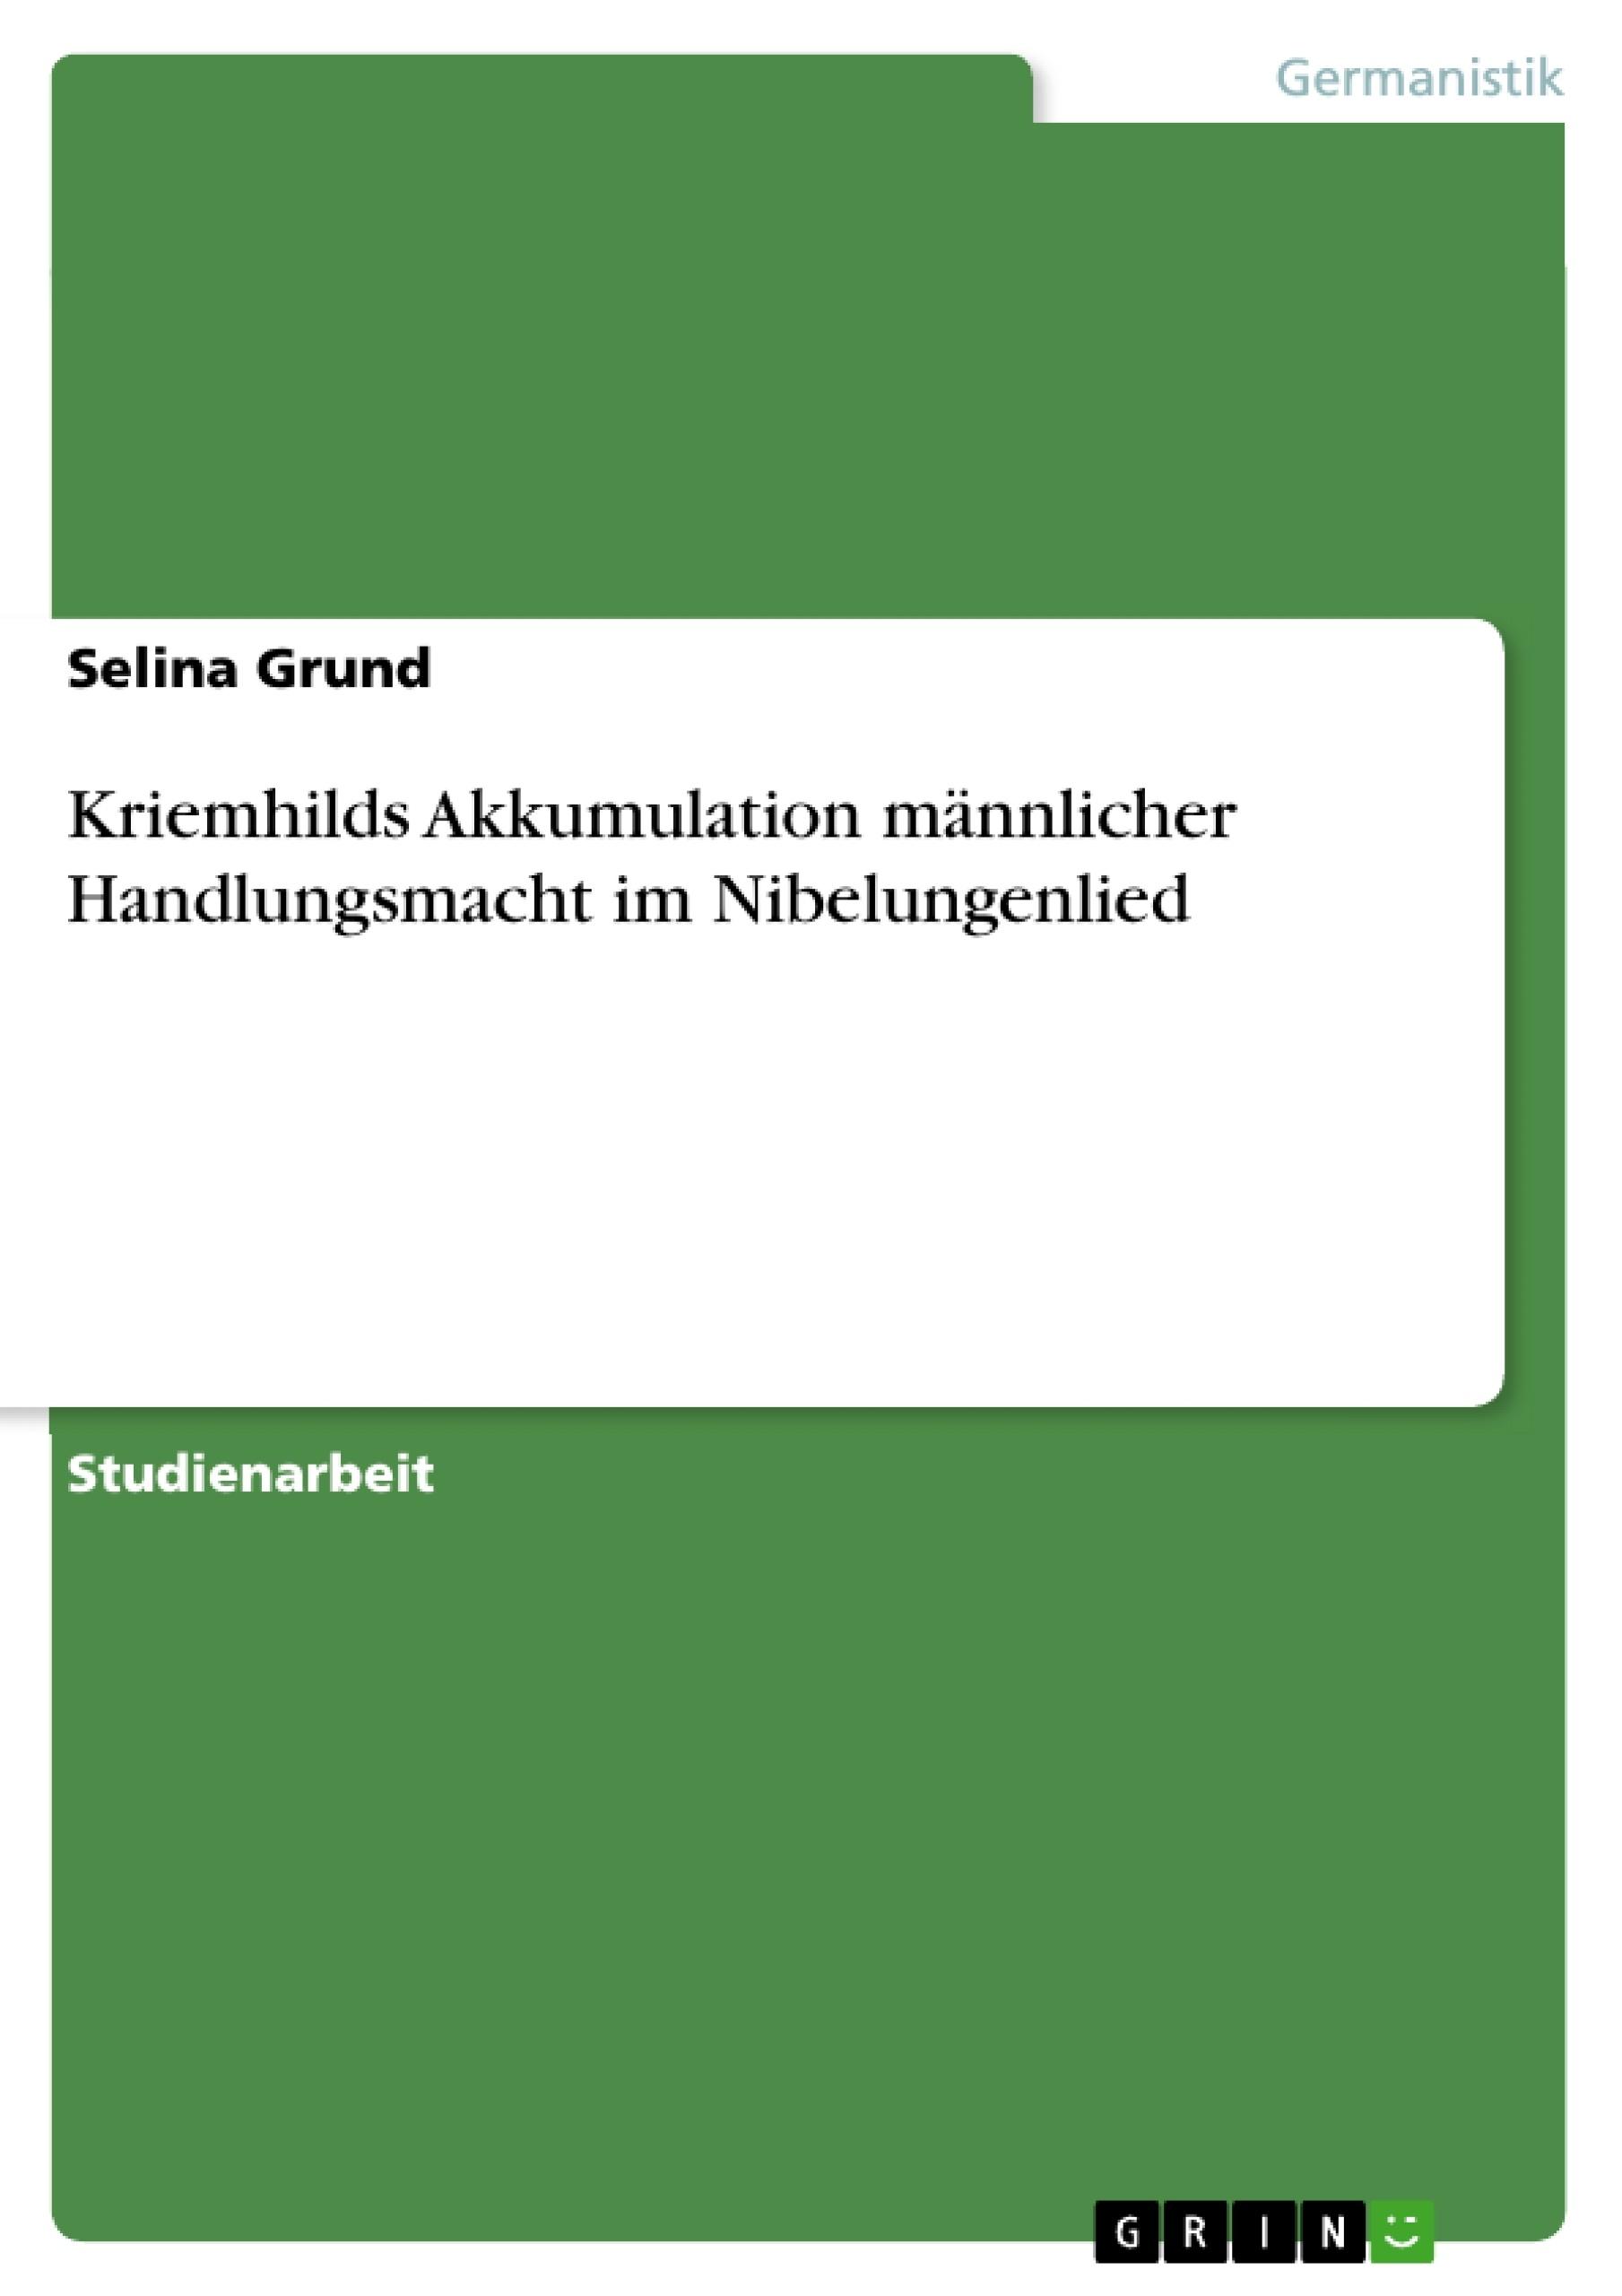 Titel: Kriemhilds Akkumulation männlicher Handlungsmacht im Nibelungenlied